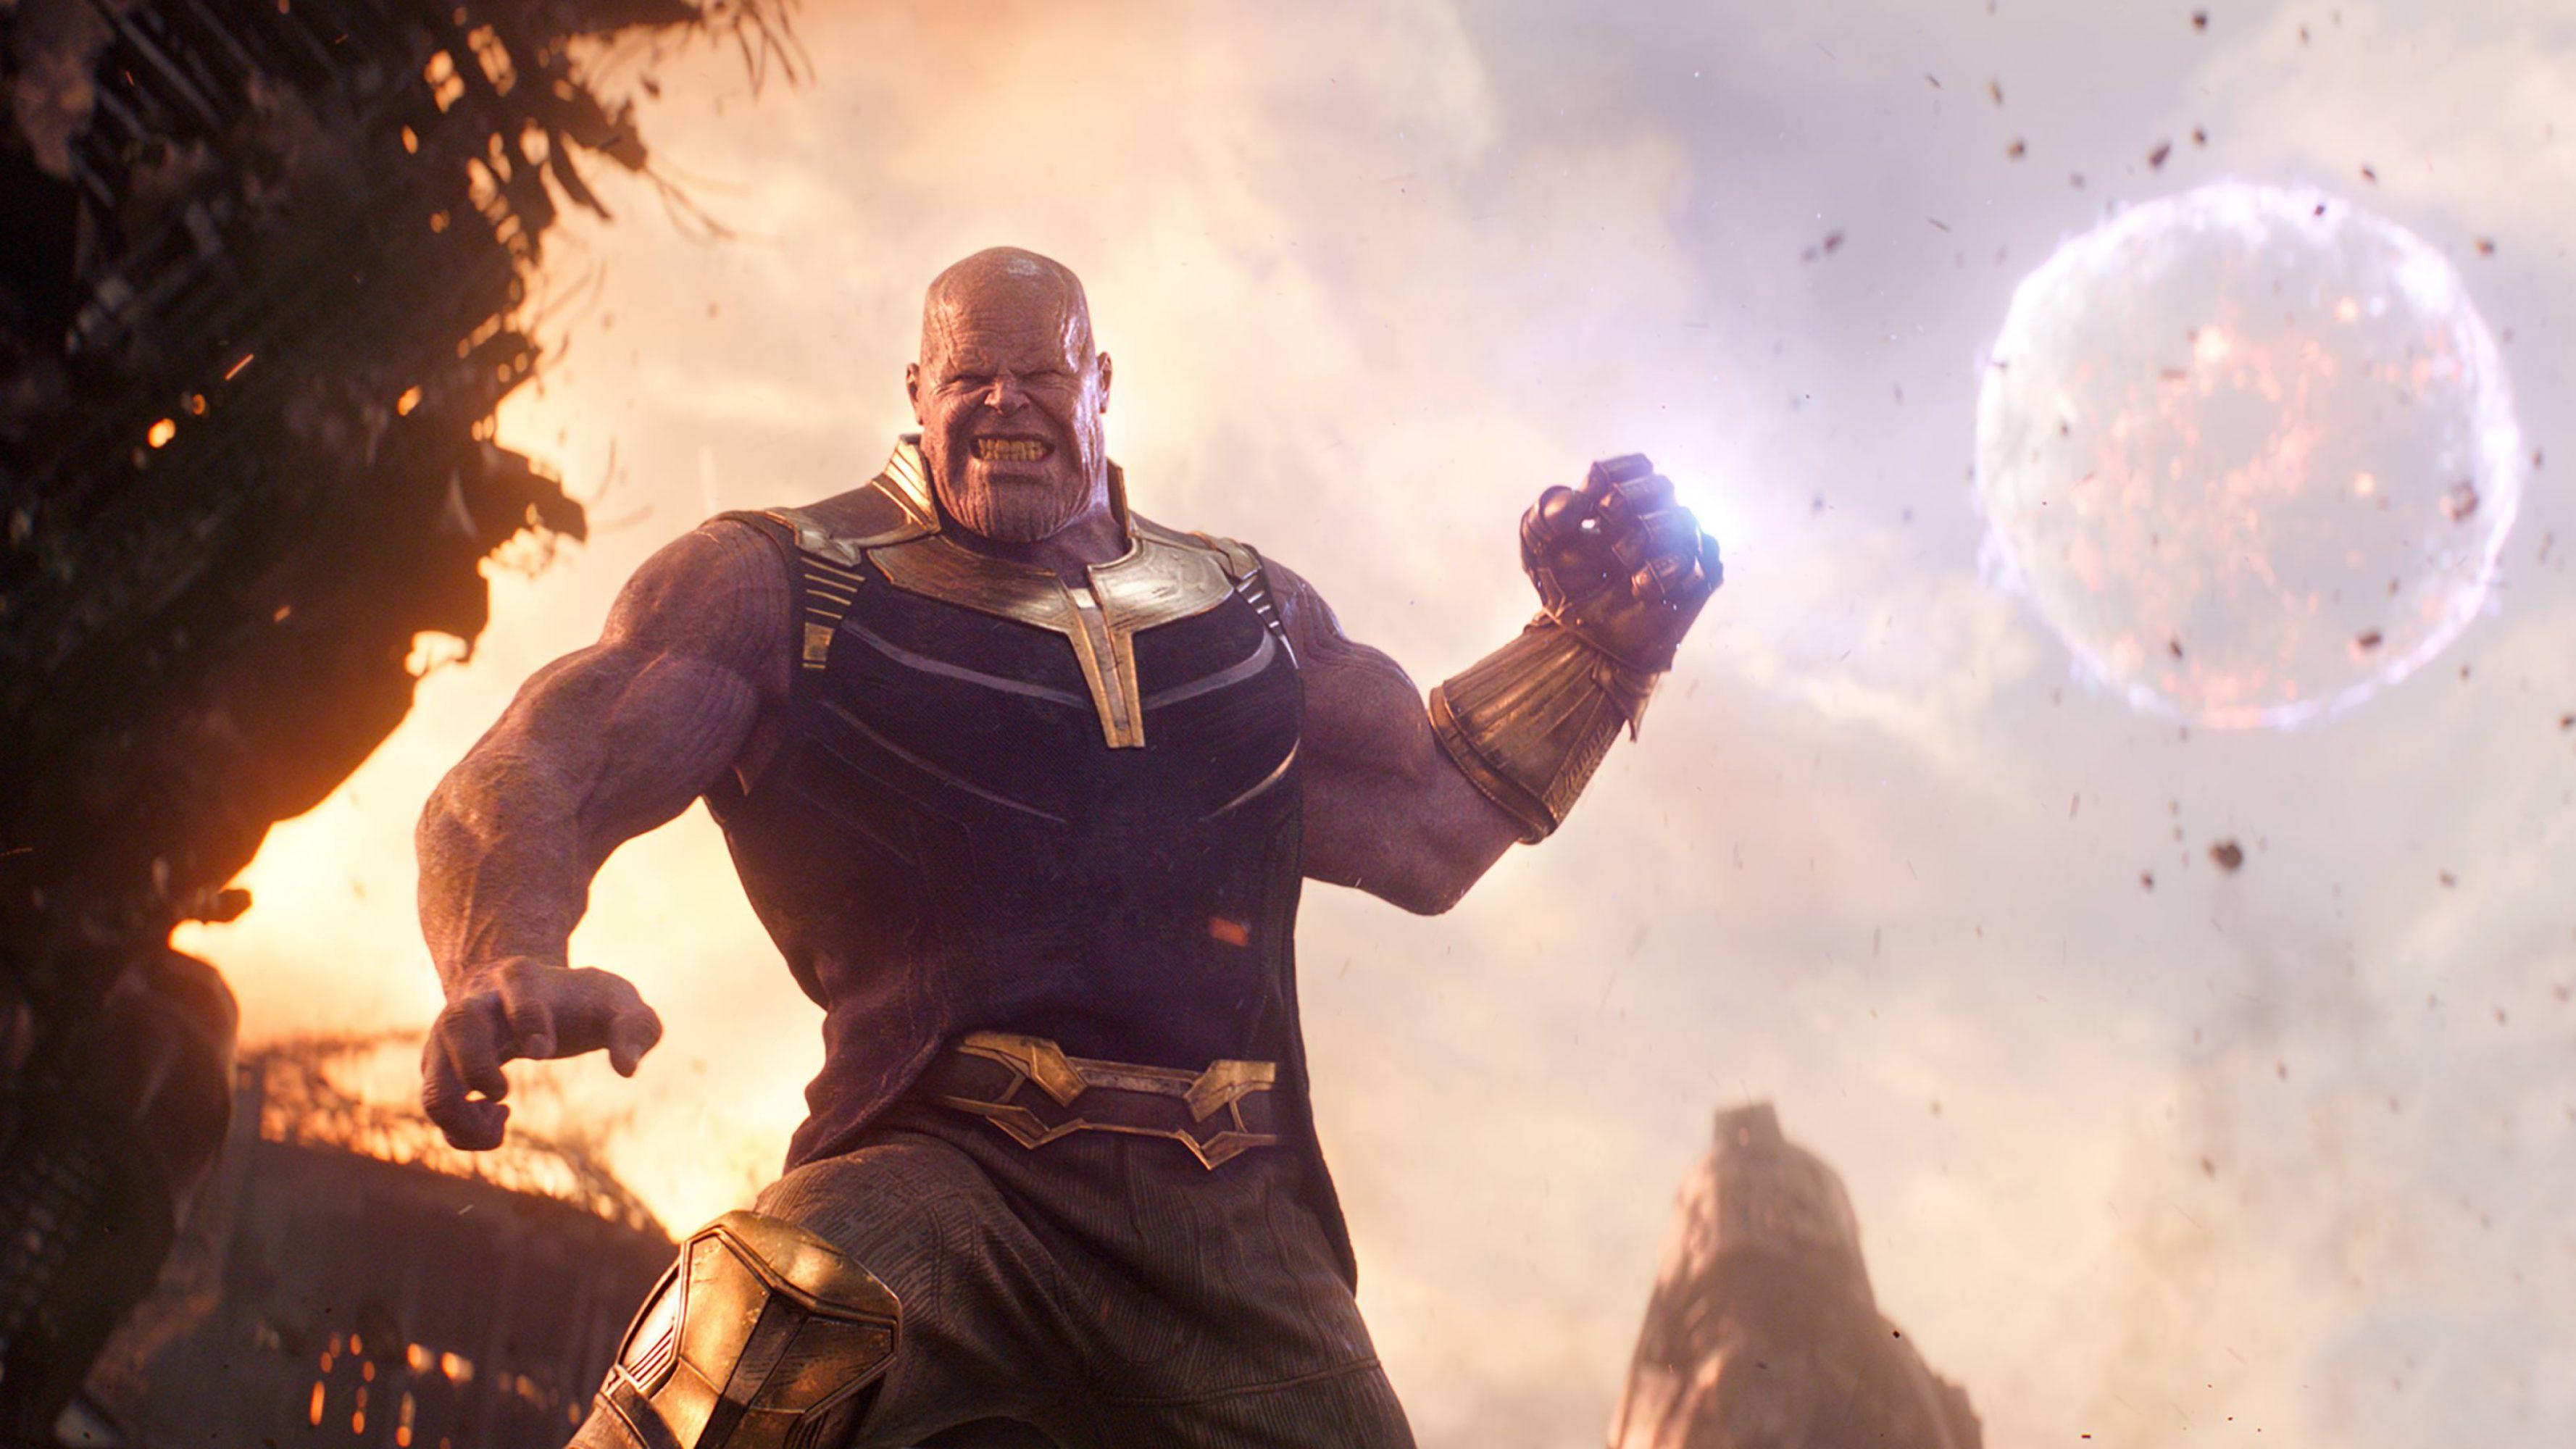 Avengers: Infinity War (2018) Thanos 4K Ultra HD Wallpaper